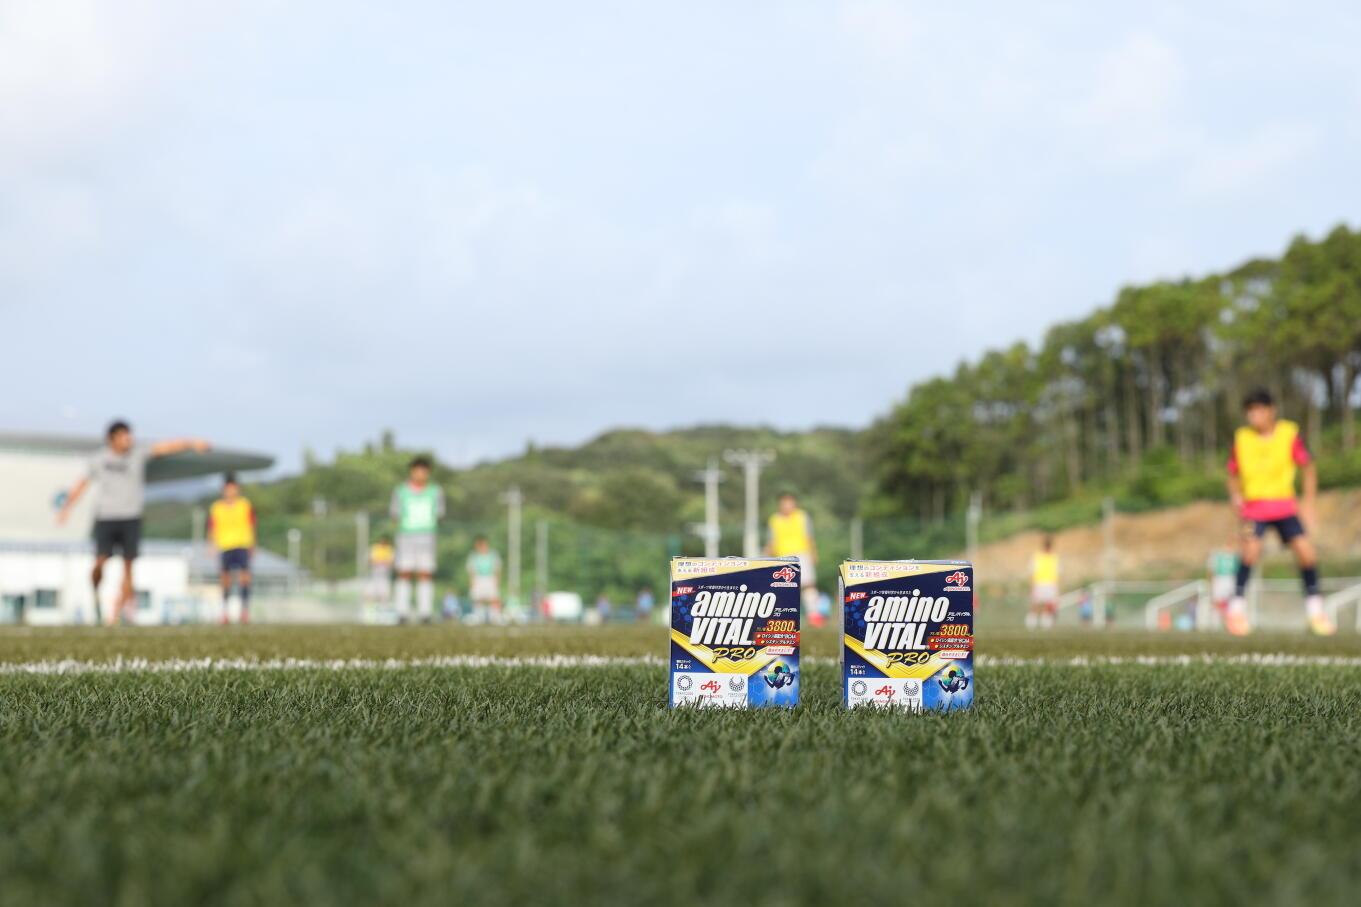 神村学園サッカー部の練習に潜入!-supported by Amino VITAL